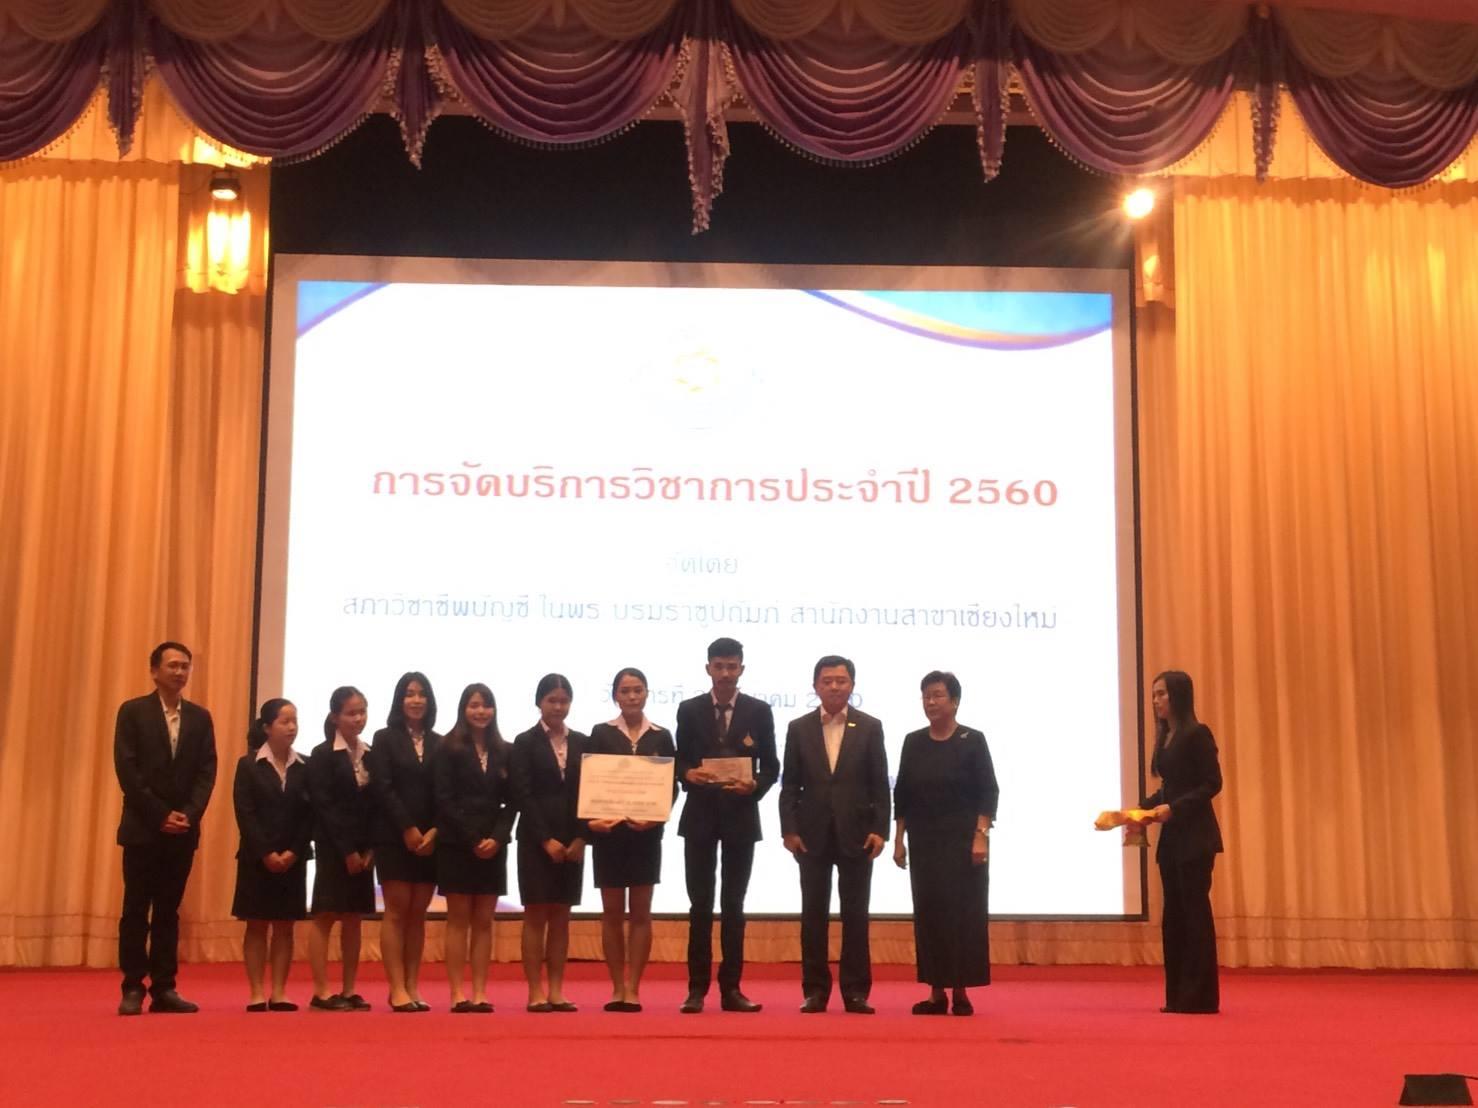 นักศึกษาสาขาการบัญชี ชนะเลิศคลิปวิดีโอจรรยาบรรณวิชาชีพบัญชี